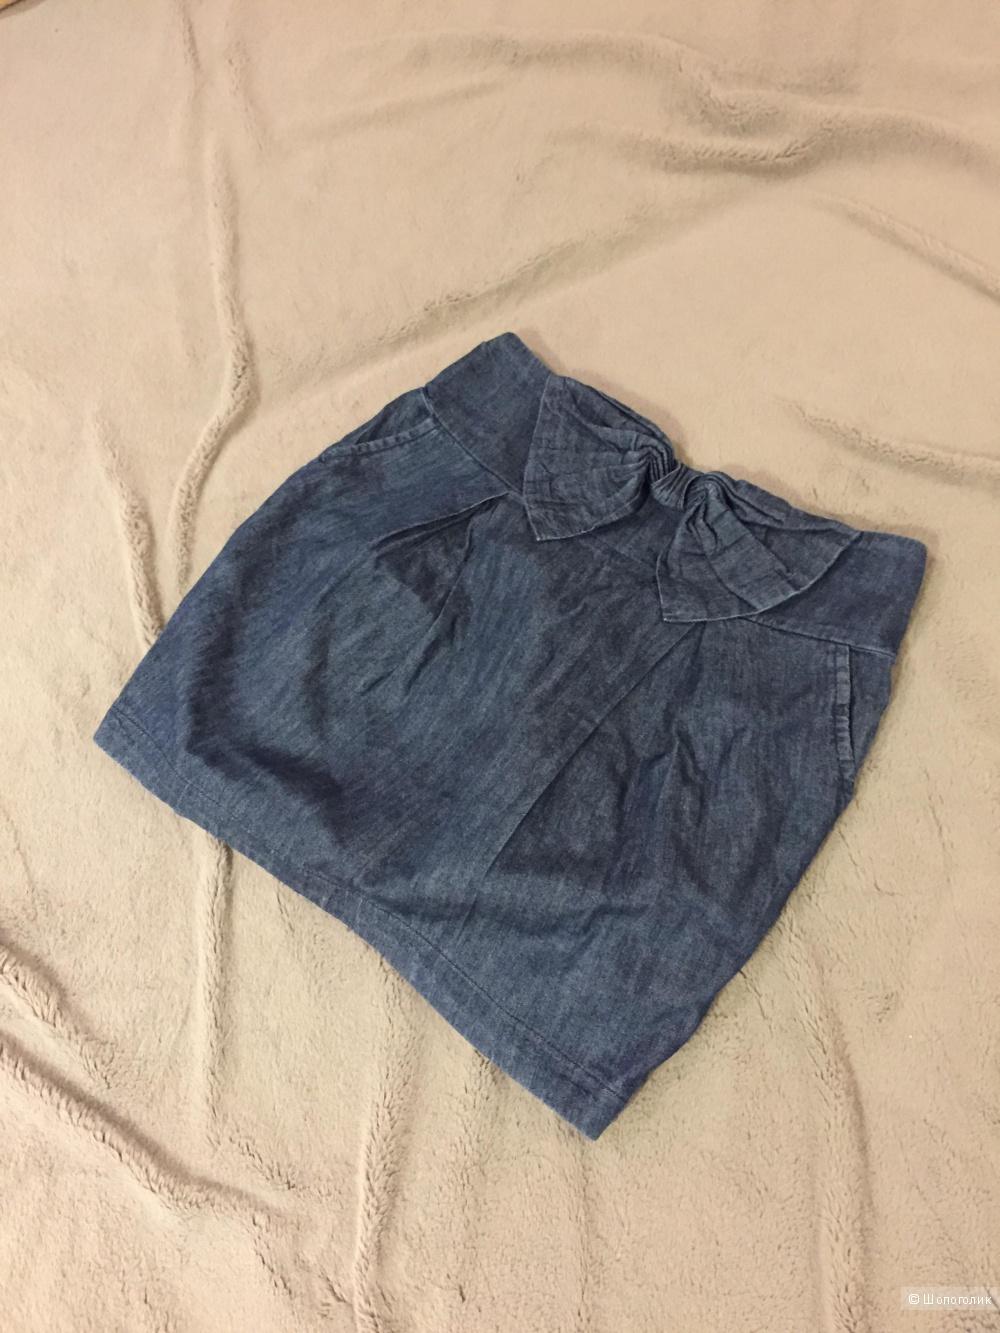 Джинсовая юбка бренда Pull and Bear, размер 42-44